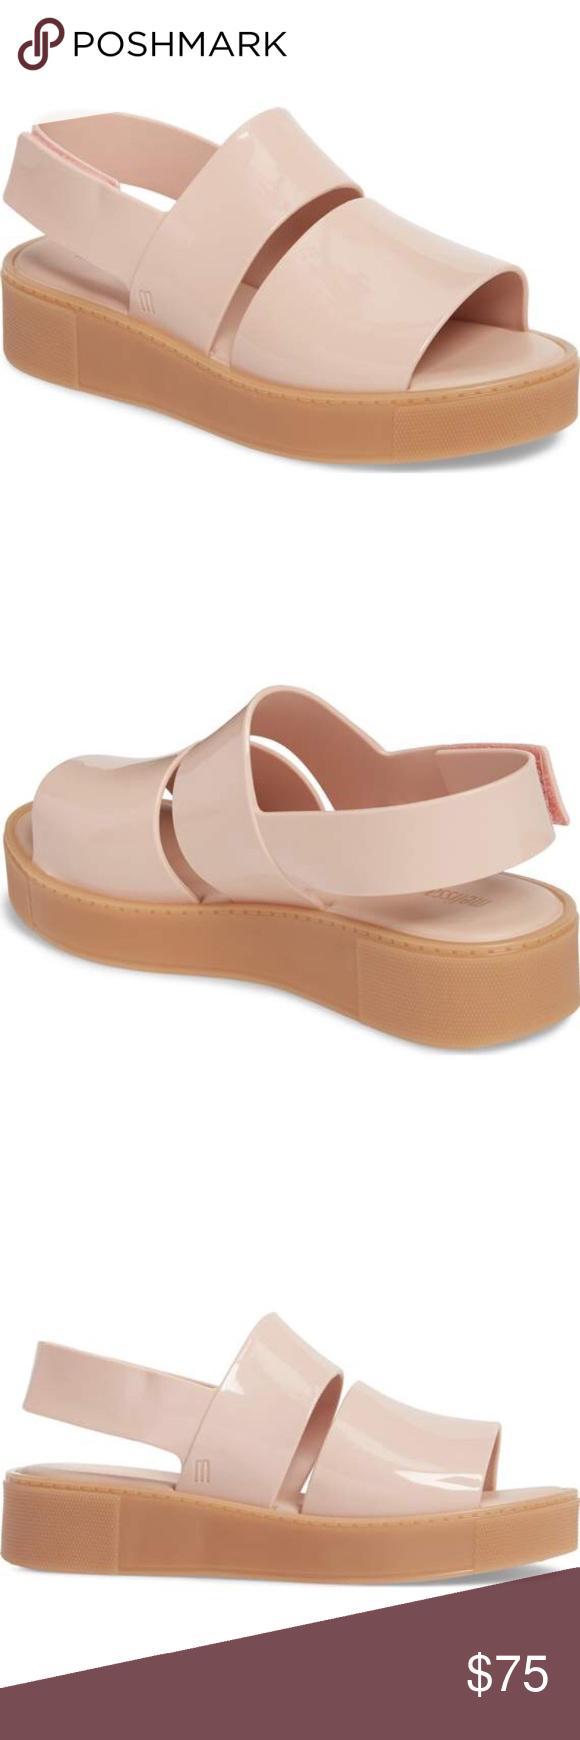 7856edf3fdce Melissa Soho Platform Sandal New without Box